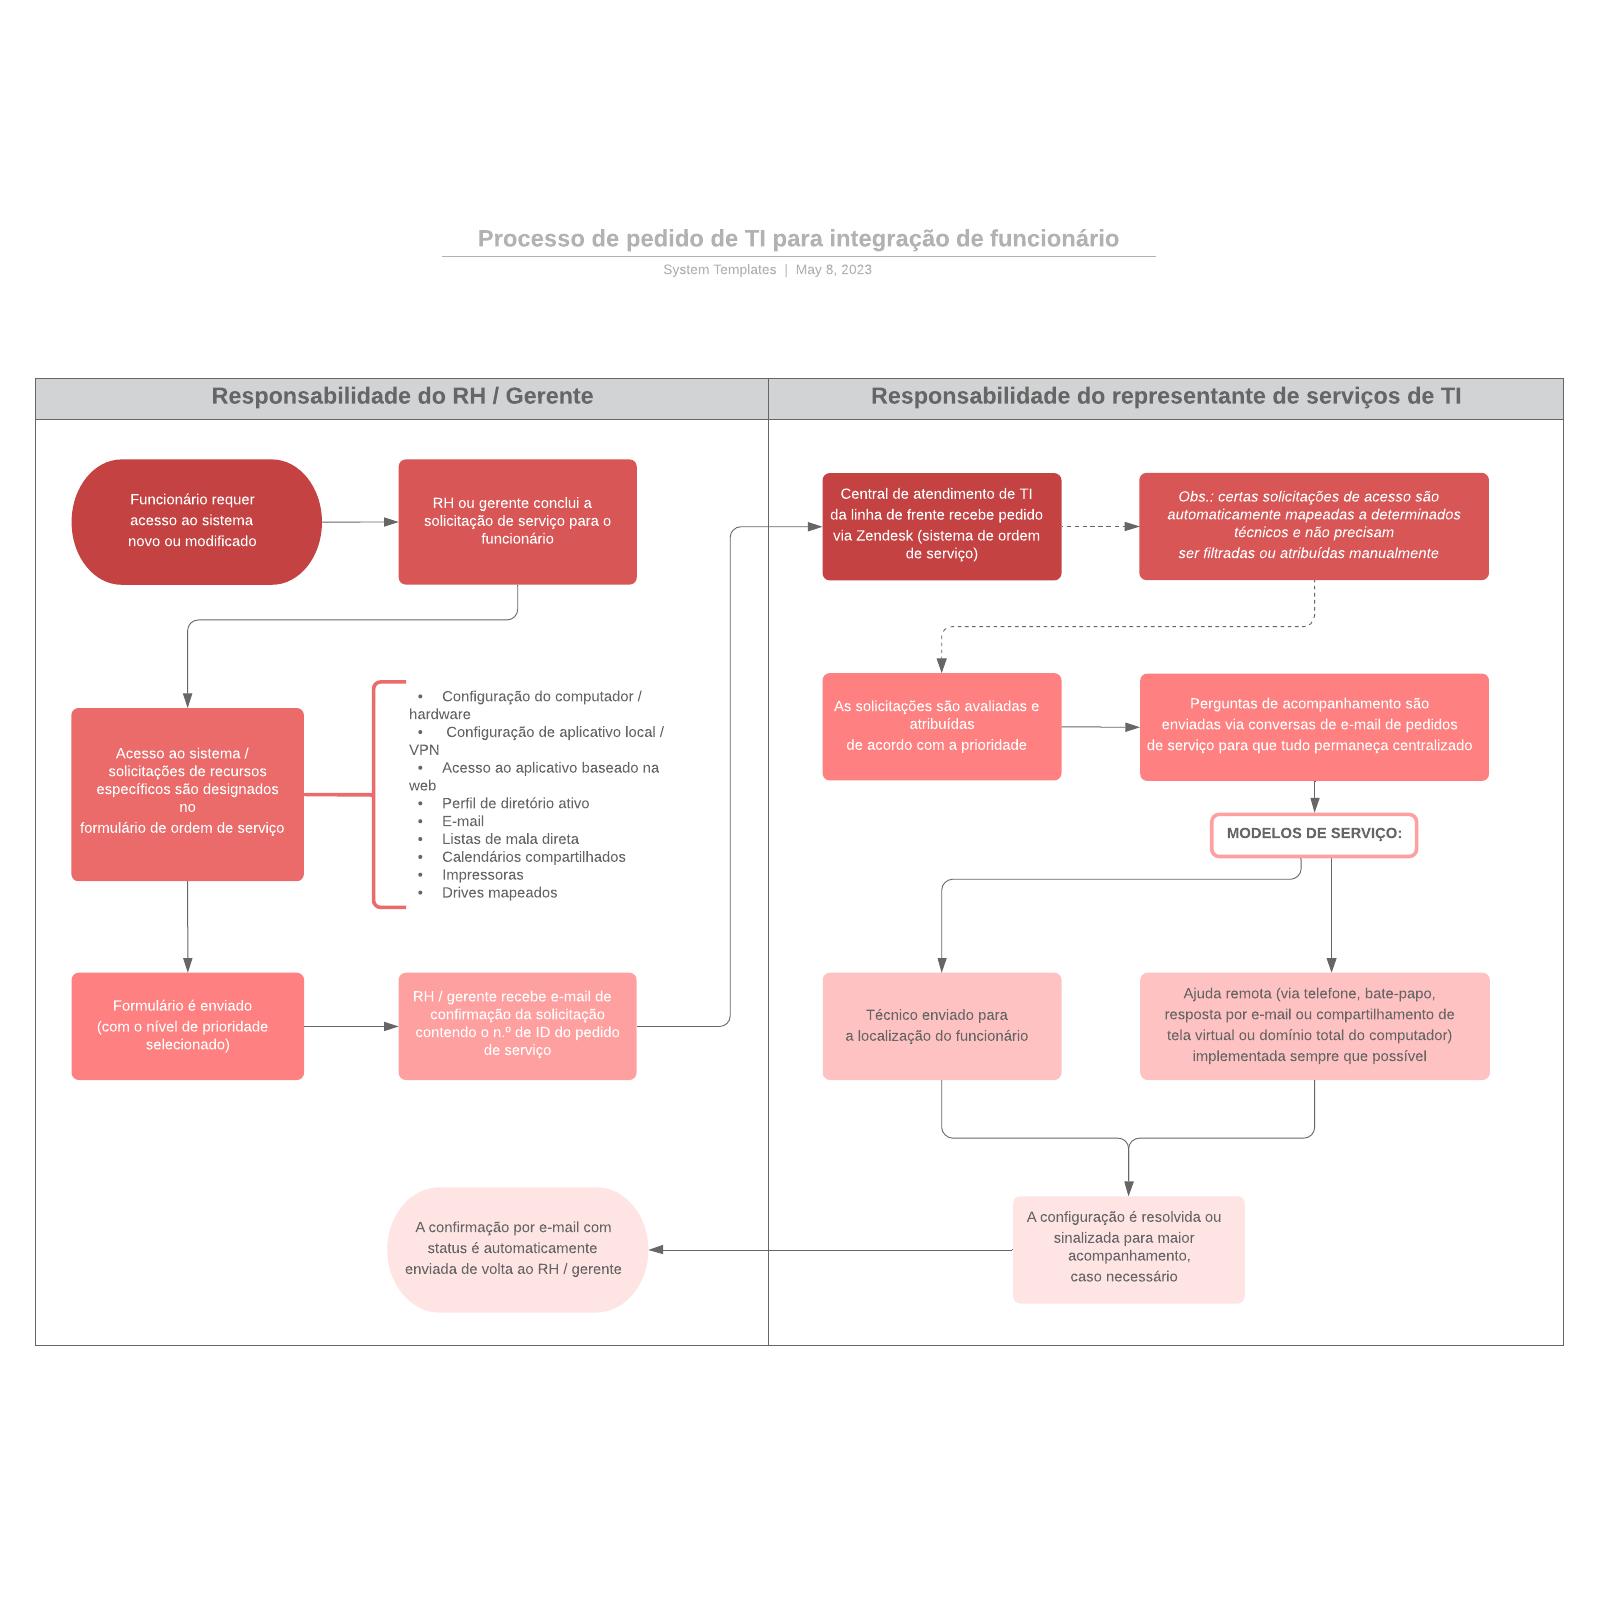 Processo de pedido de TI para integração de funcionário